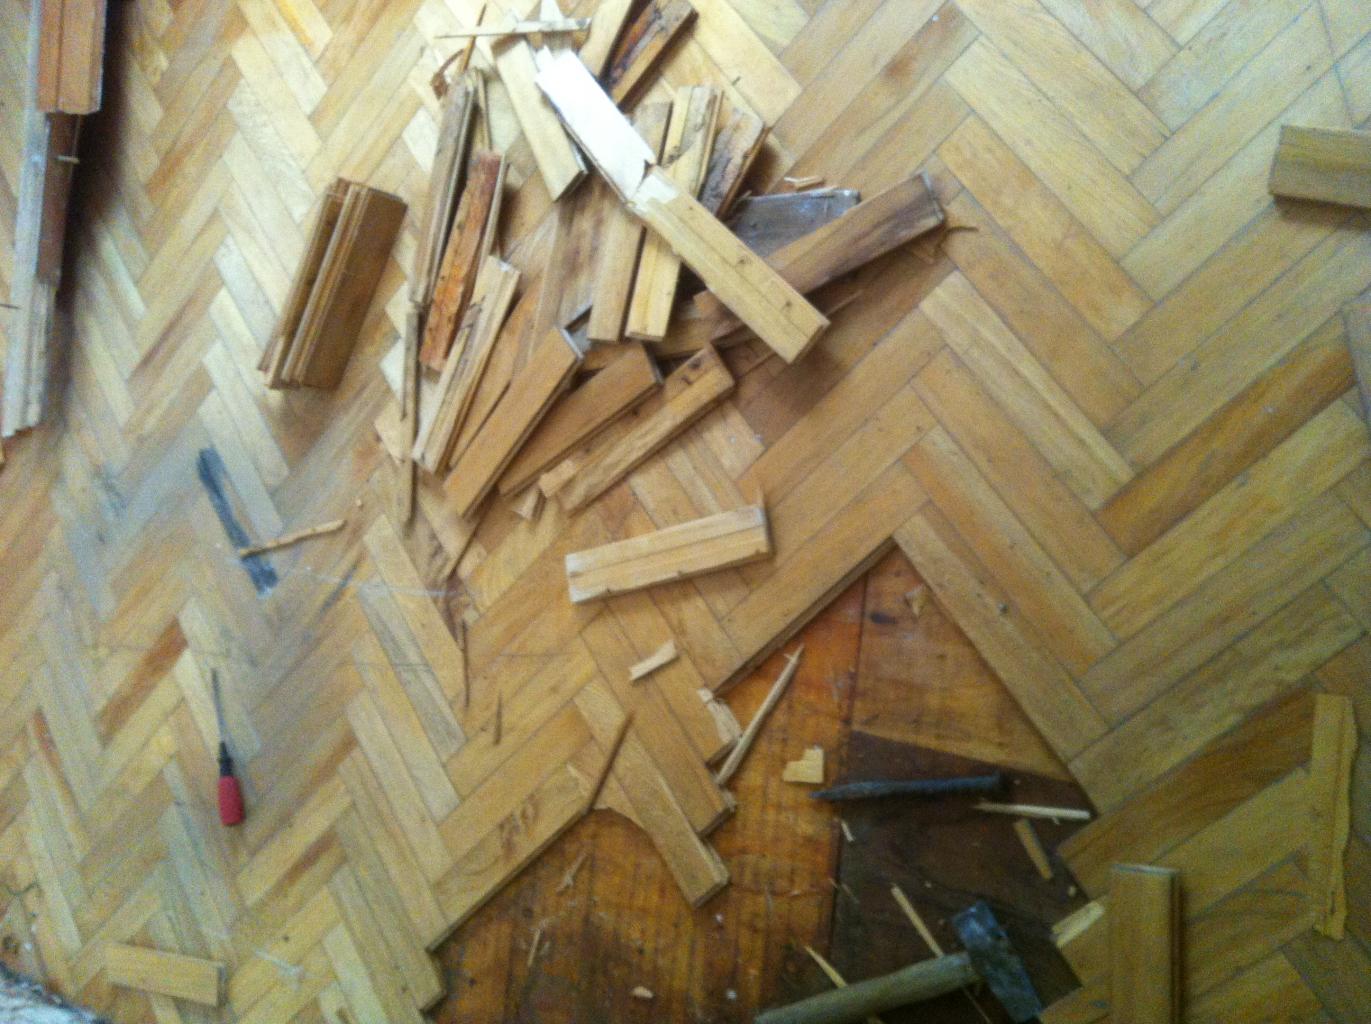 Phá dỡ nền cũ, bóc sàn gỗ cũ